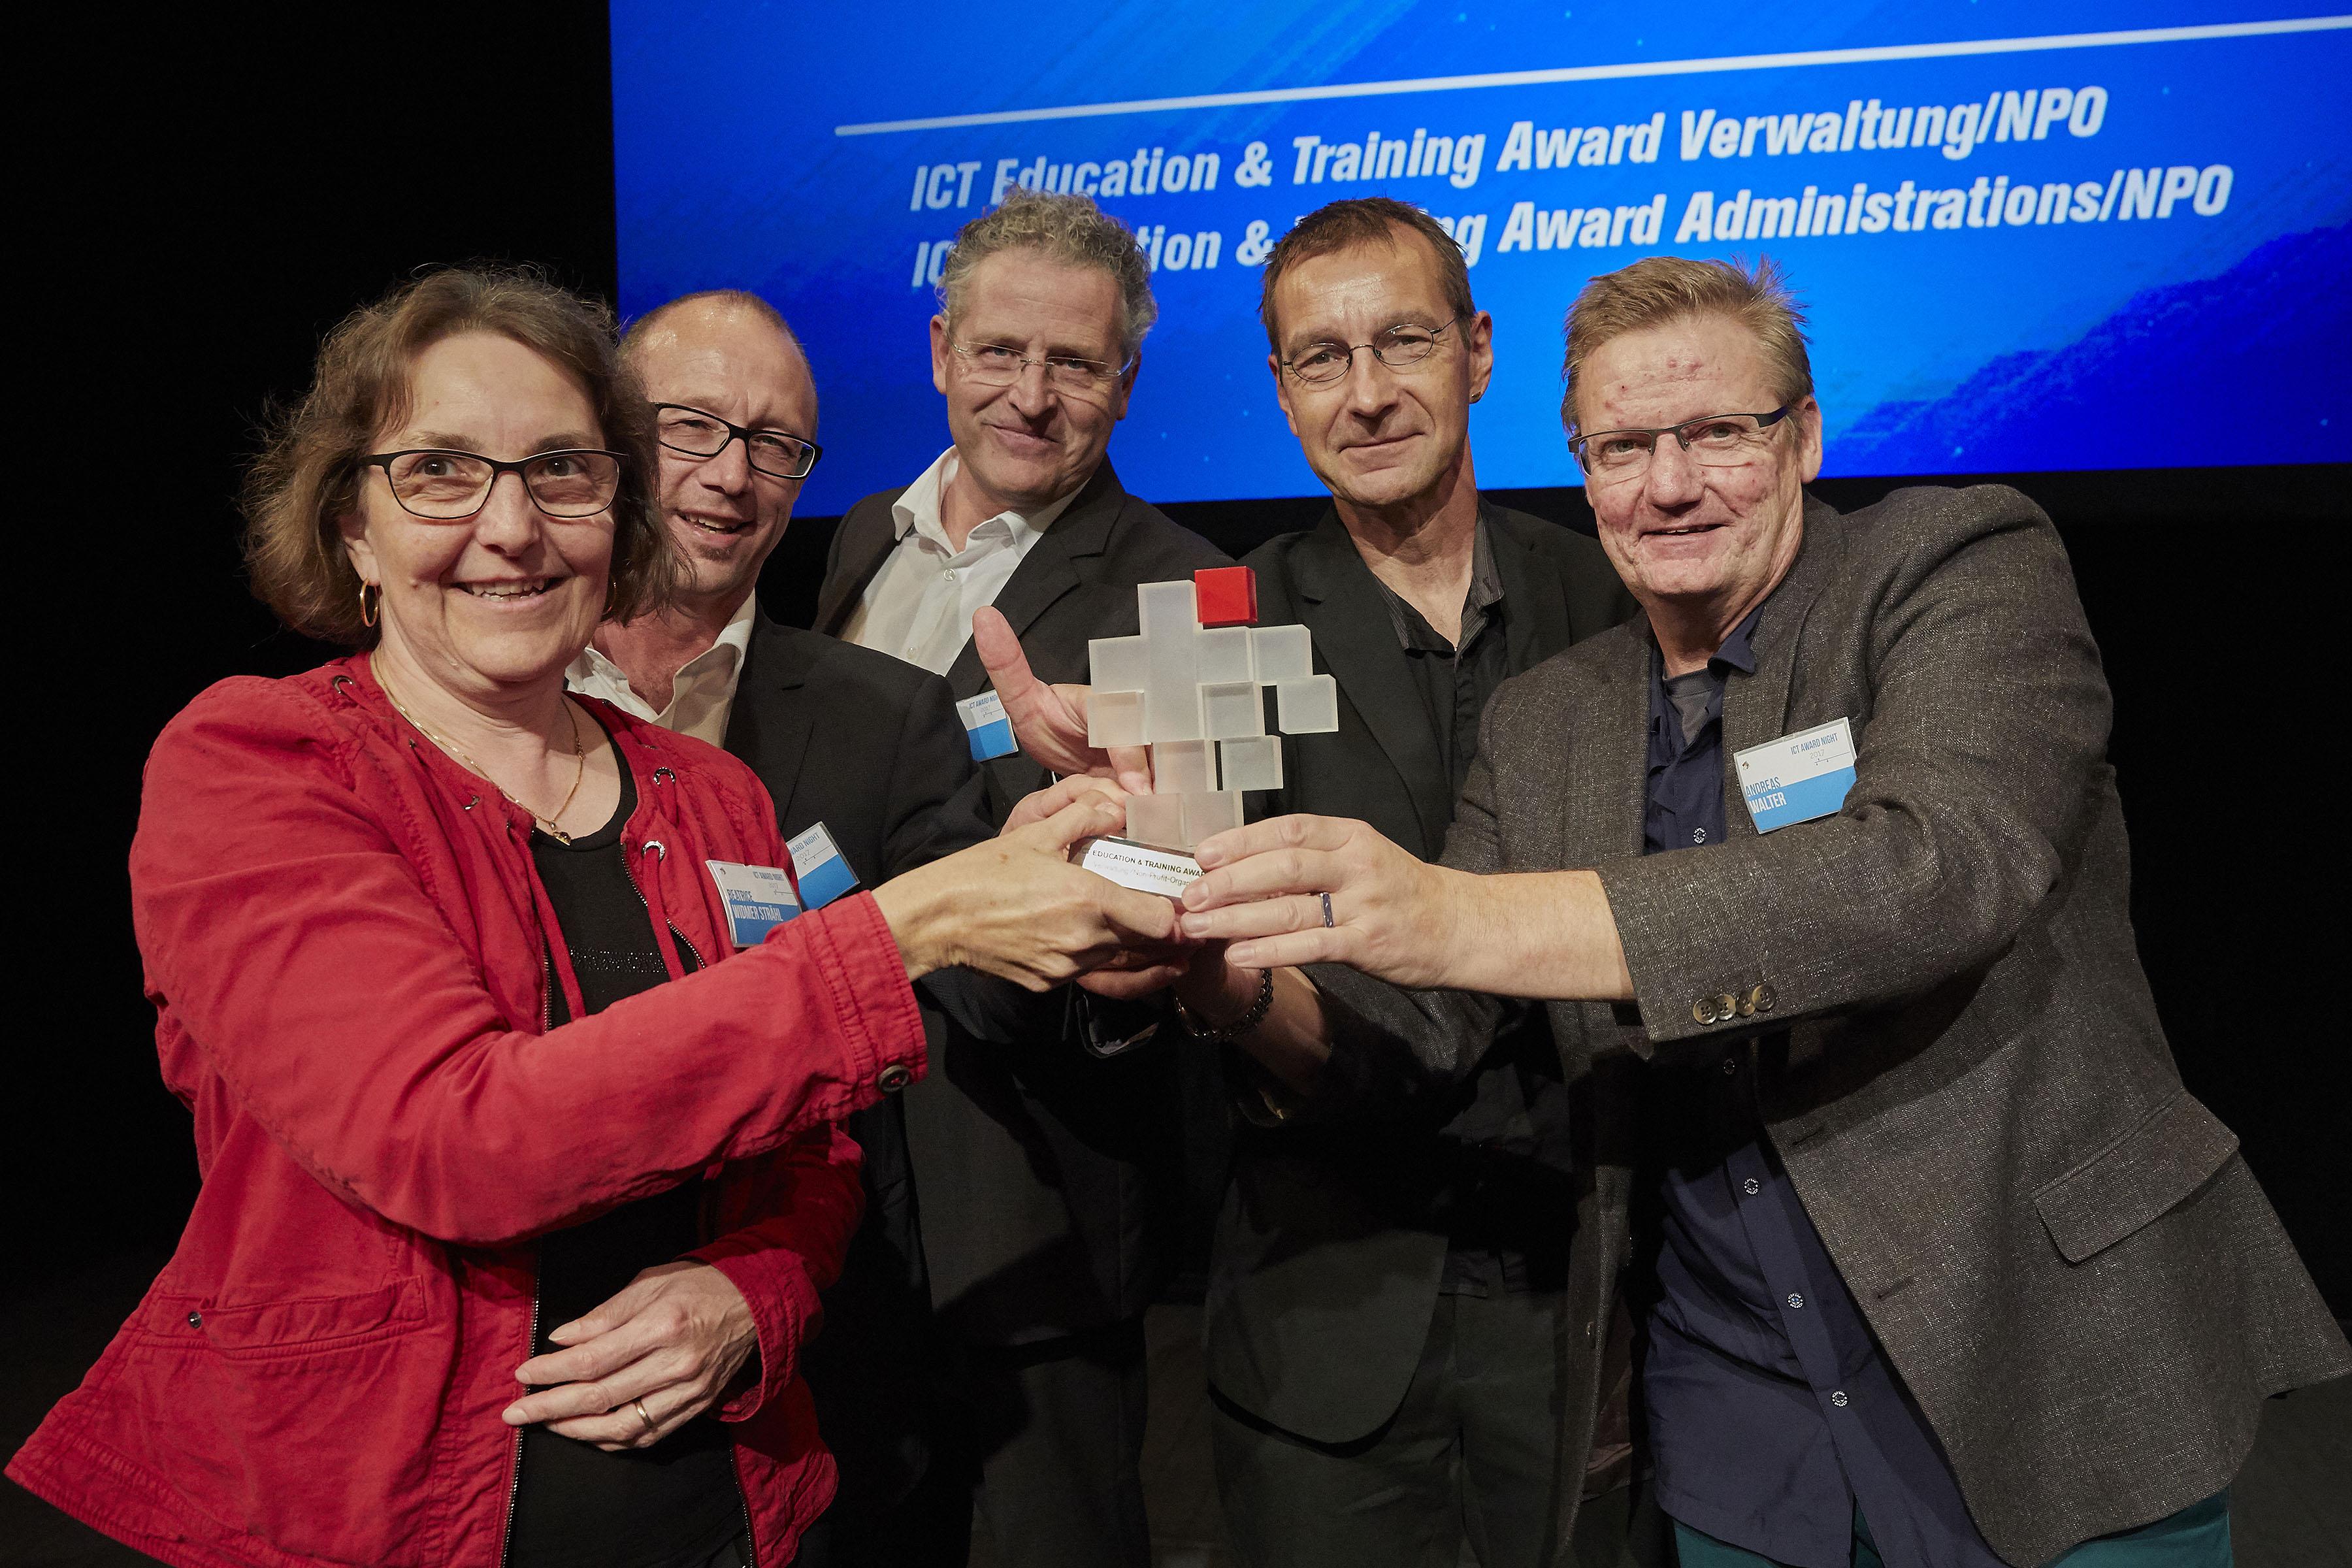 Die Gewinner-Truppe vom ICT-Award